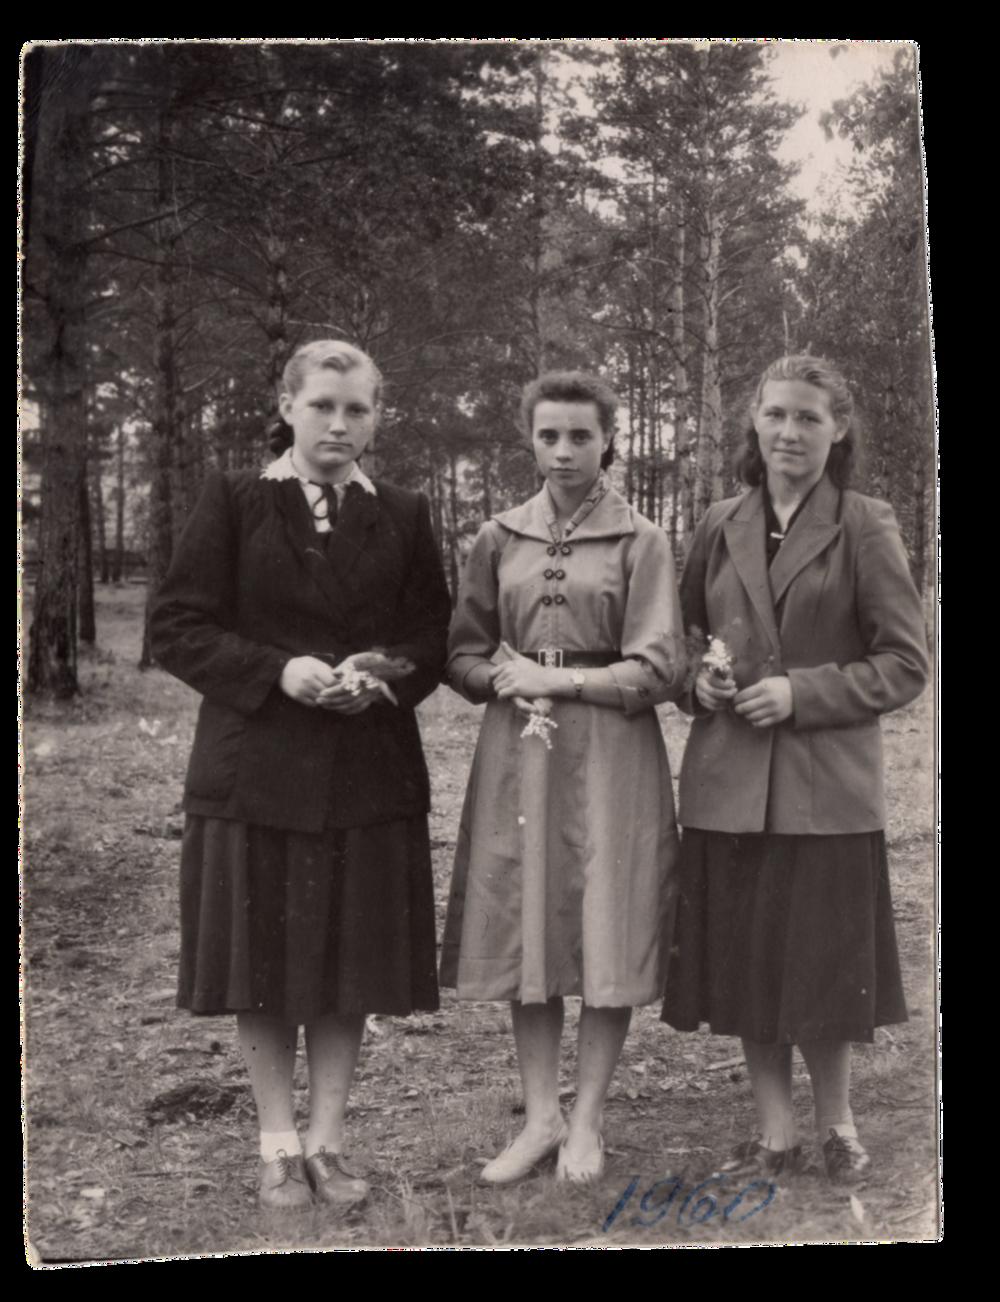 Ліворуч ― Ганна Іванцова (Слупська) з подругами ― Євгенія Кісь, невідома, поселення Алгач, 1960. Джерело: Меморіальний музей «Територія Терору»